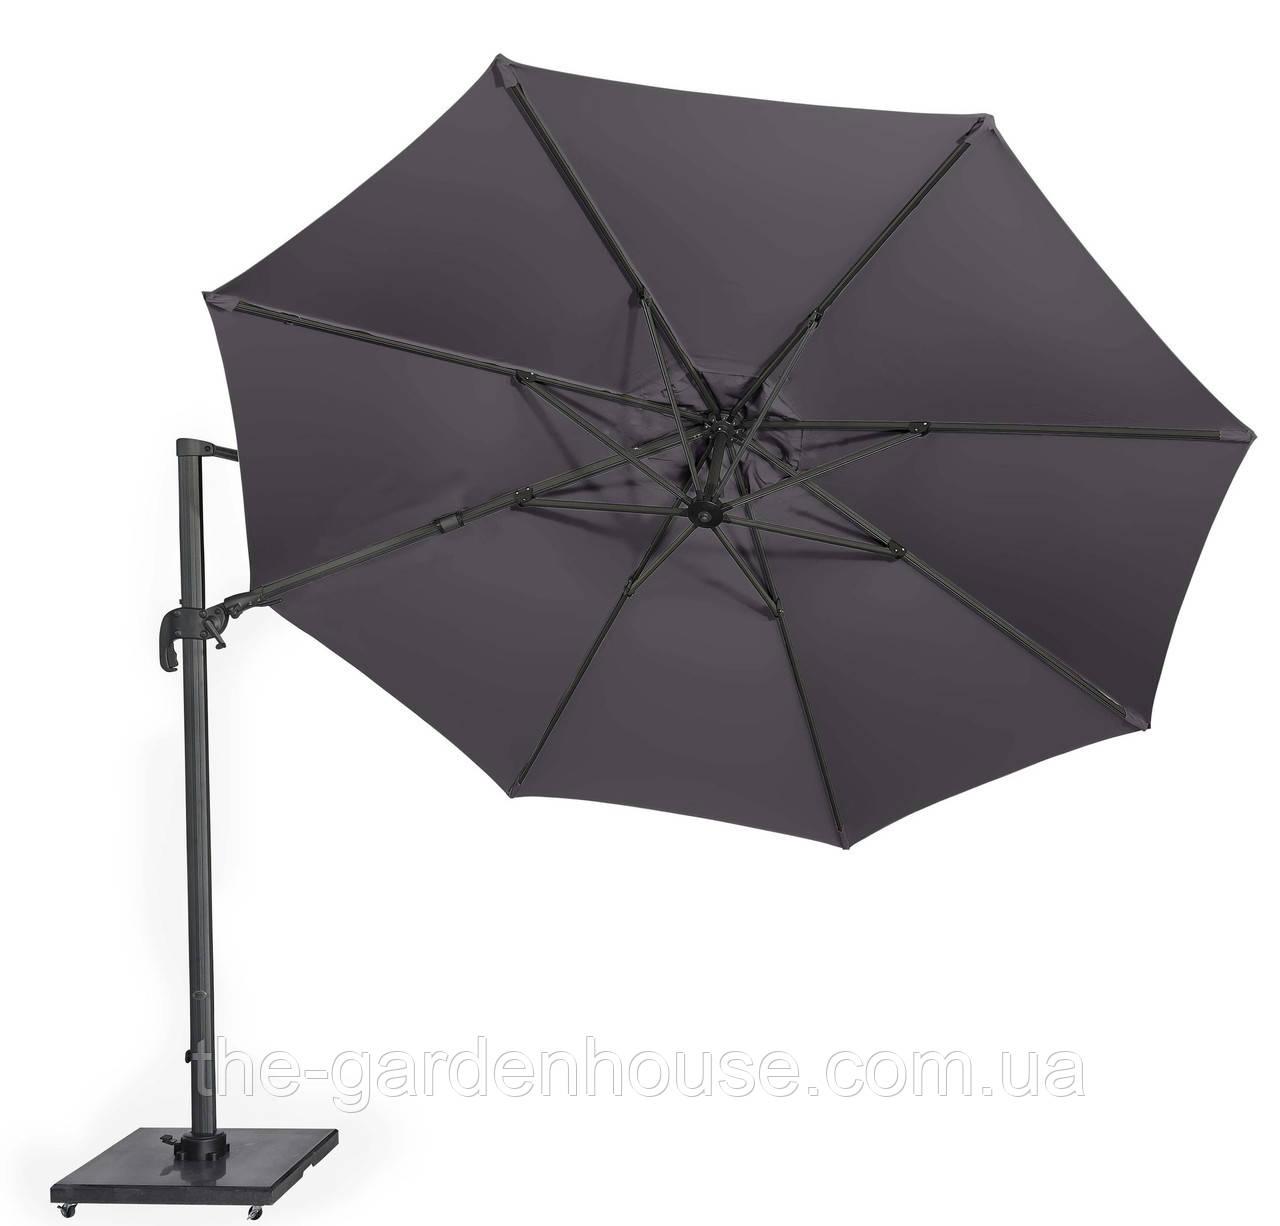 Садовый зонт с подсветкой Solarflex T2 Ø3,5 м  + подставка антрацит